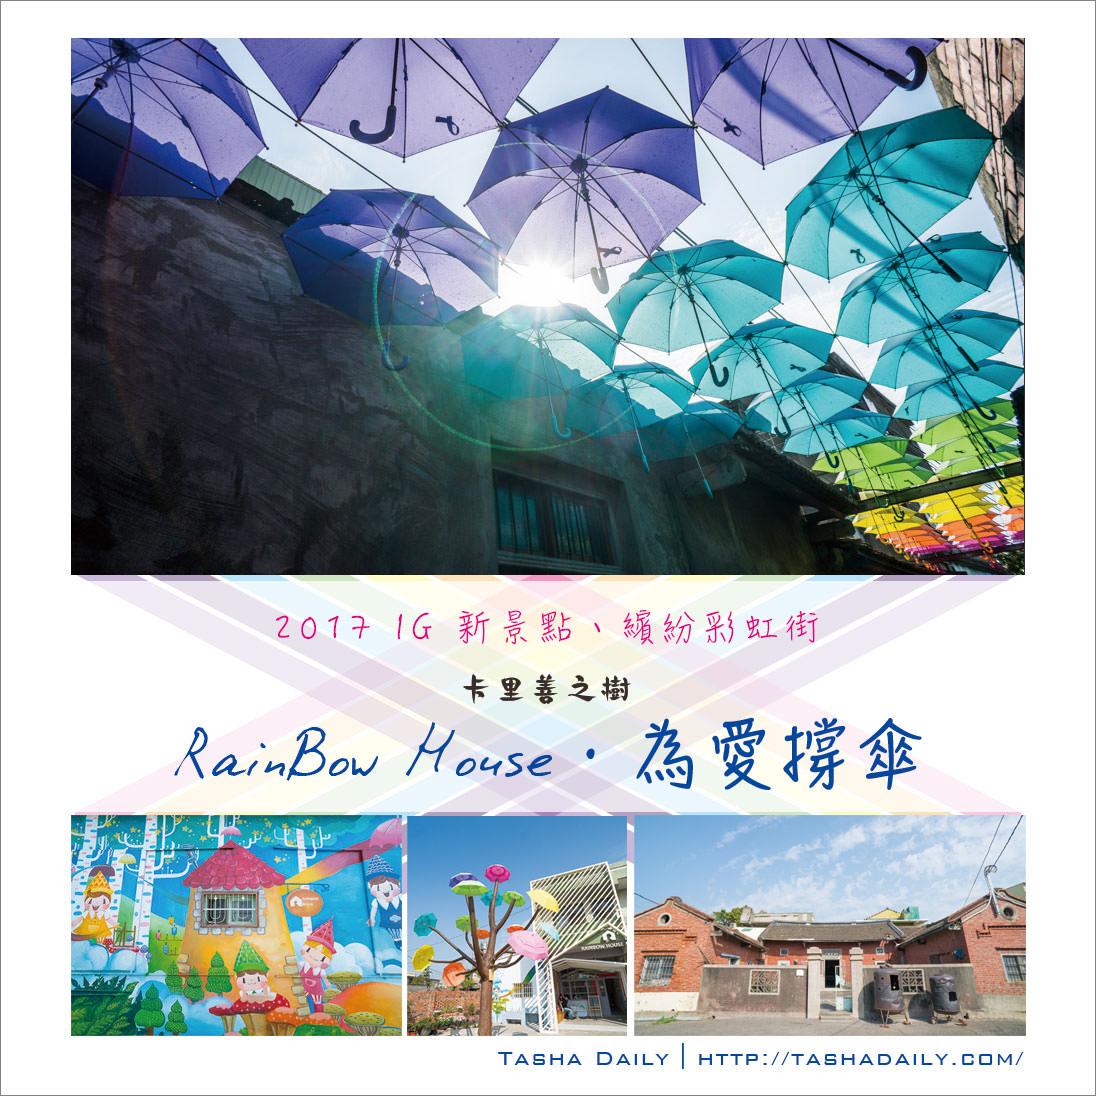 彰化旅遊︱和美鎮 卡里善之樹 Rainbow House.繽紛彩虹傘、產業傳承的技藝